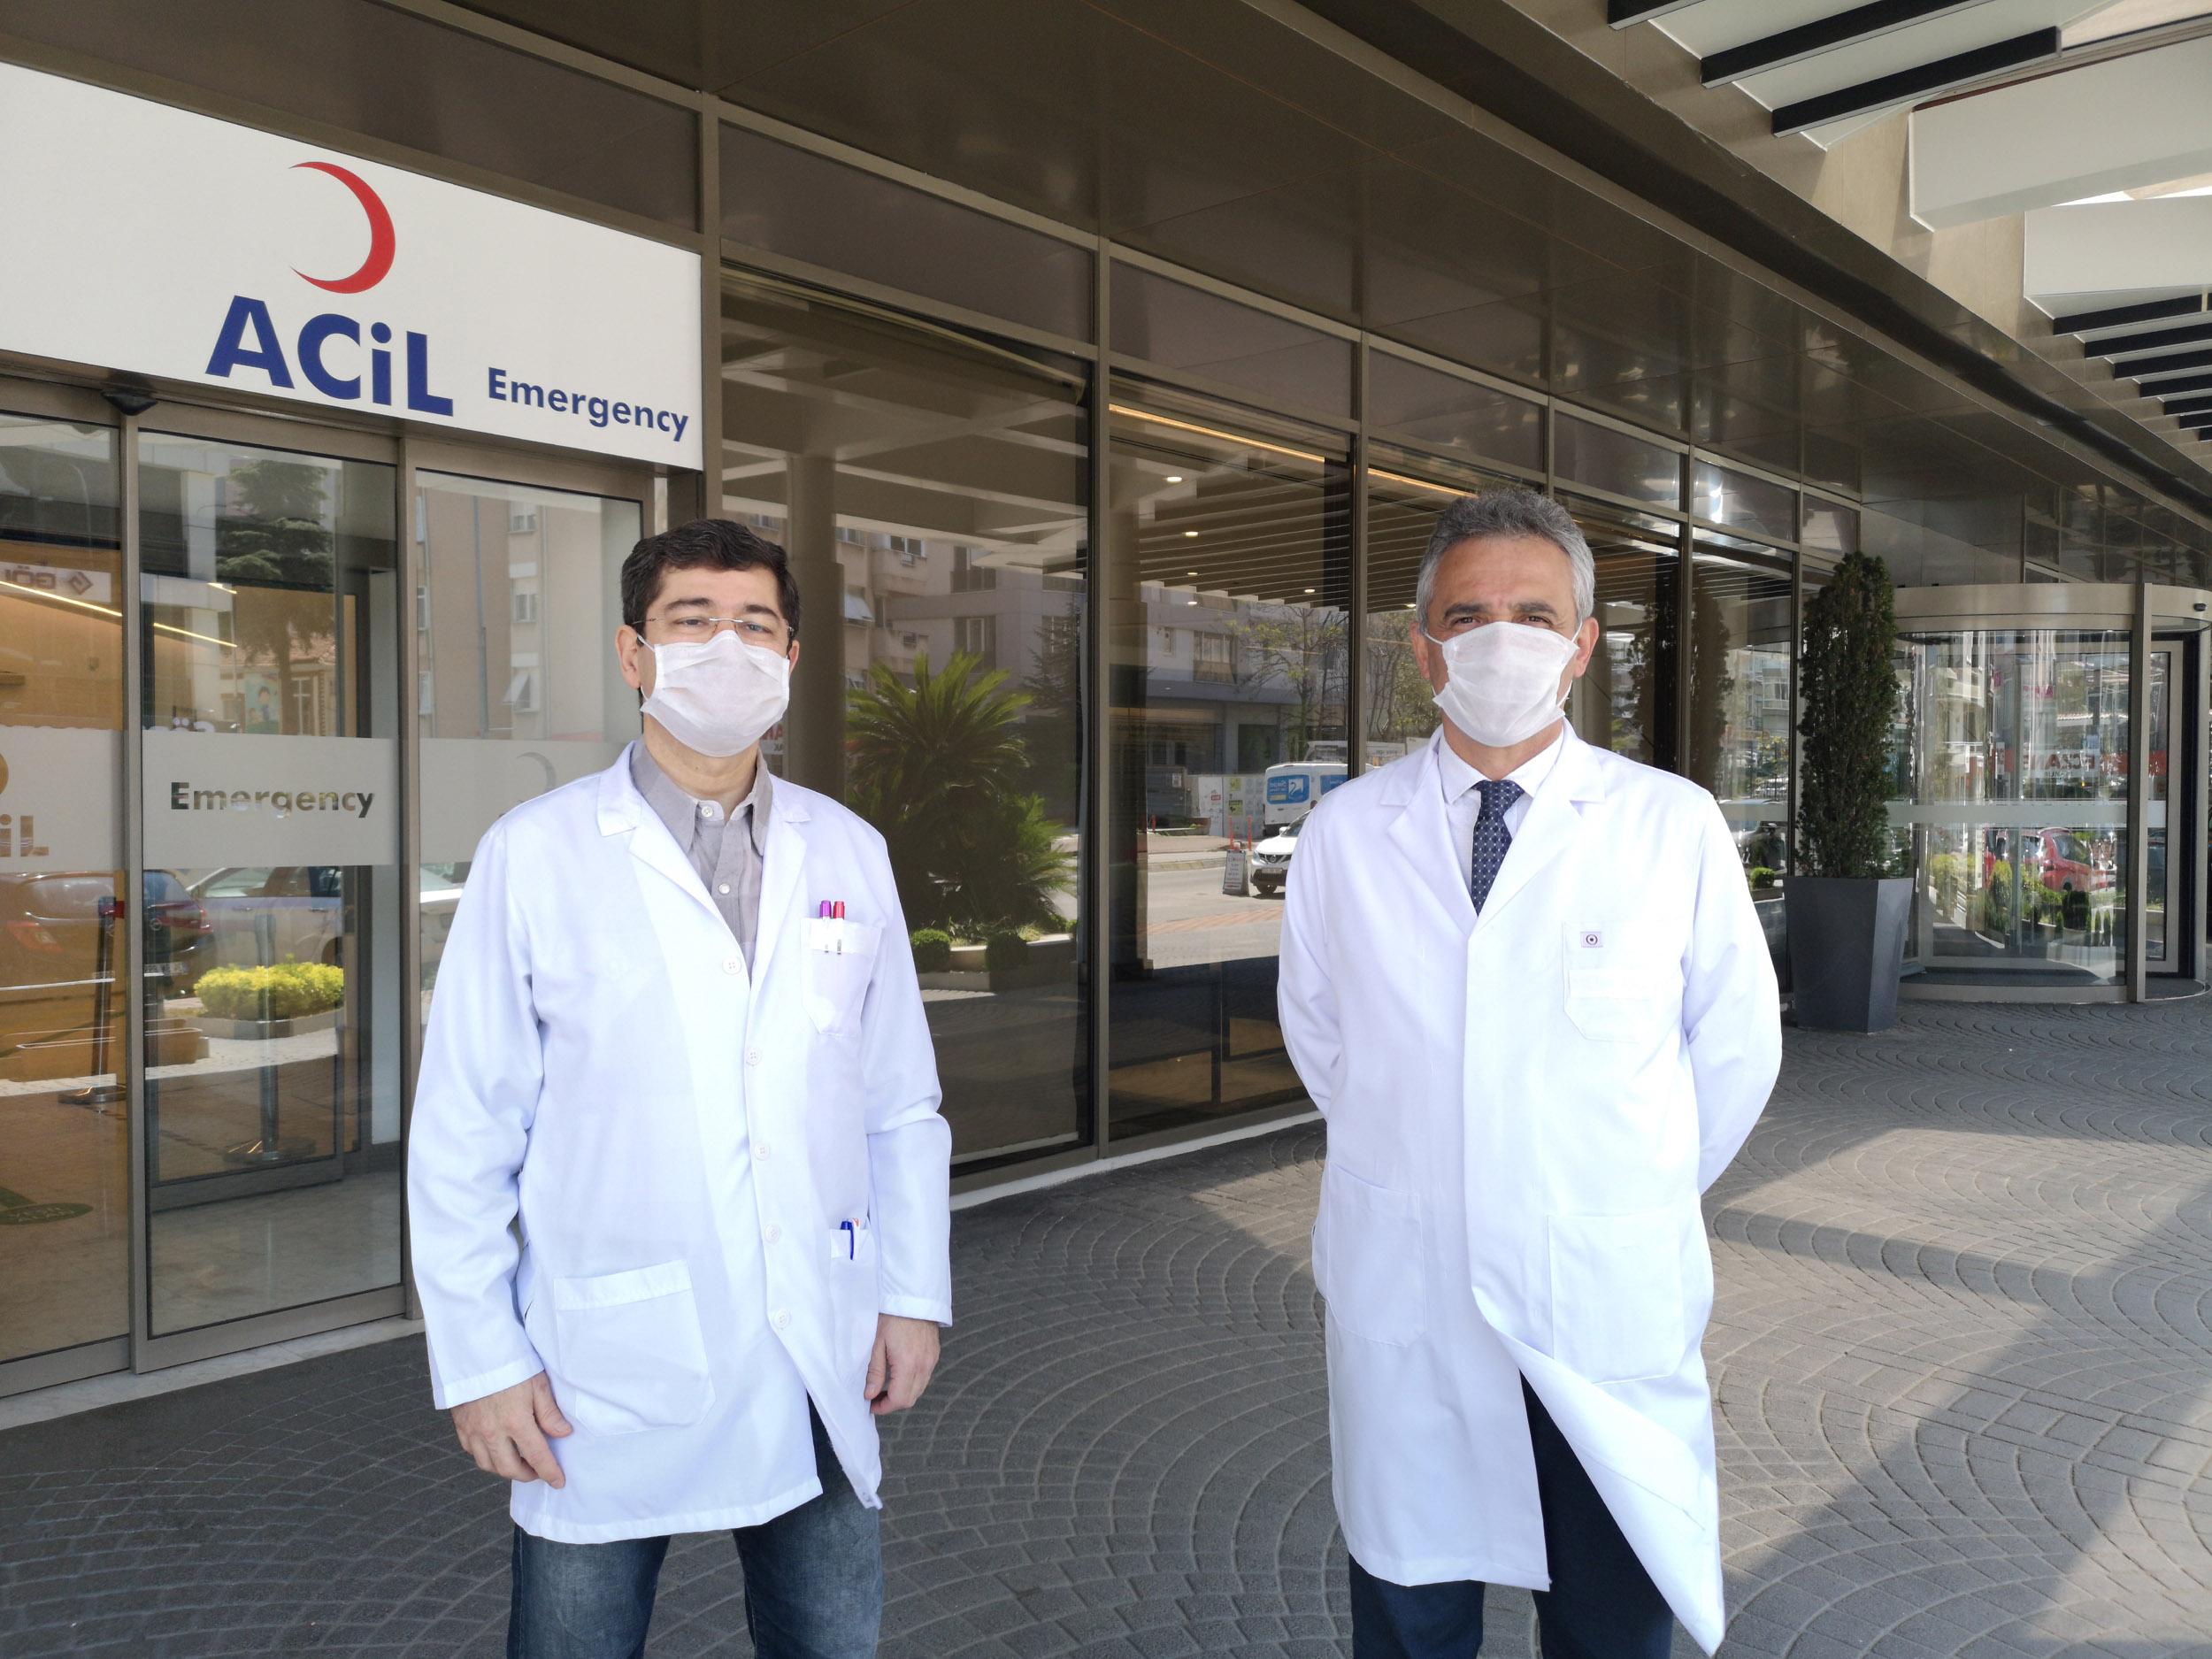 Koronavirüsü yenen hekimler konuştu: Belirti yoktu, tomografide görüldü, şoke oldum